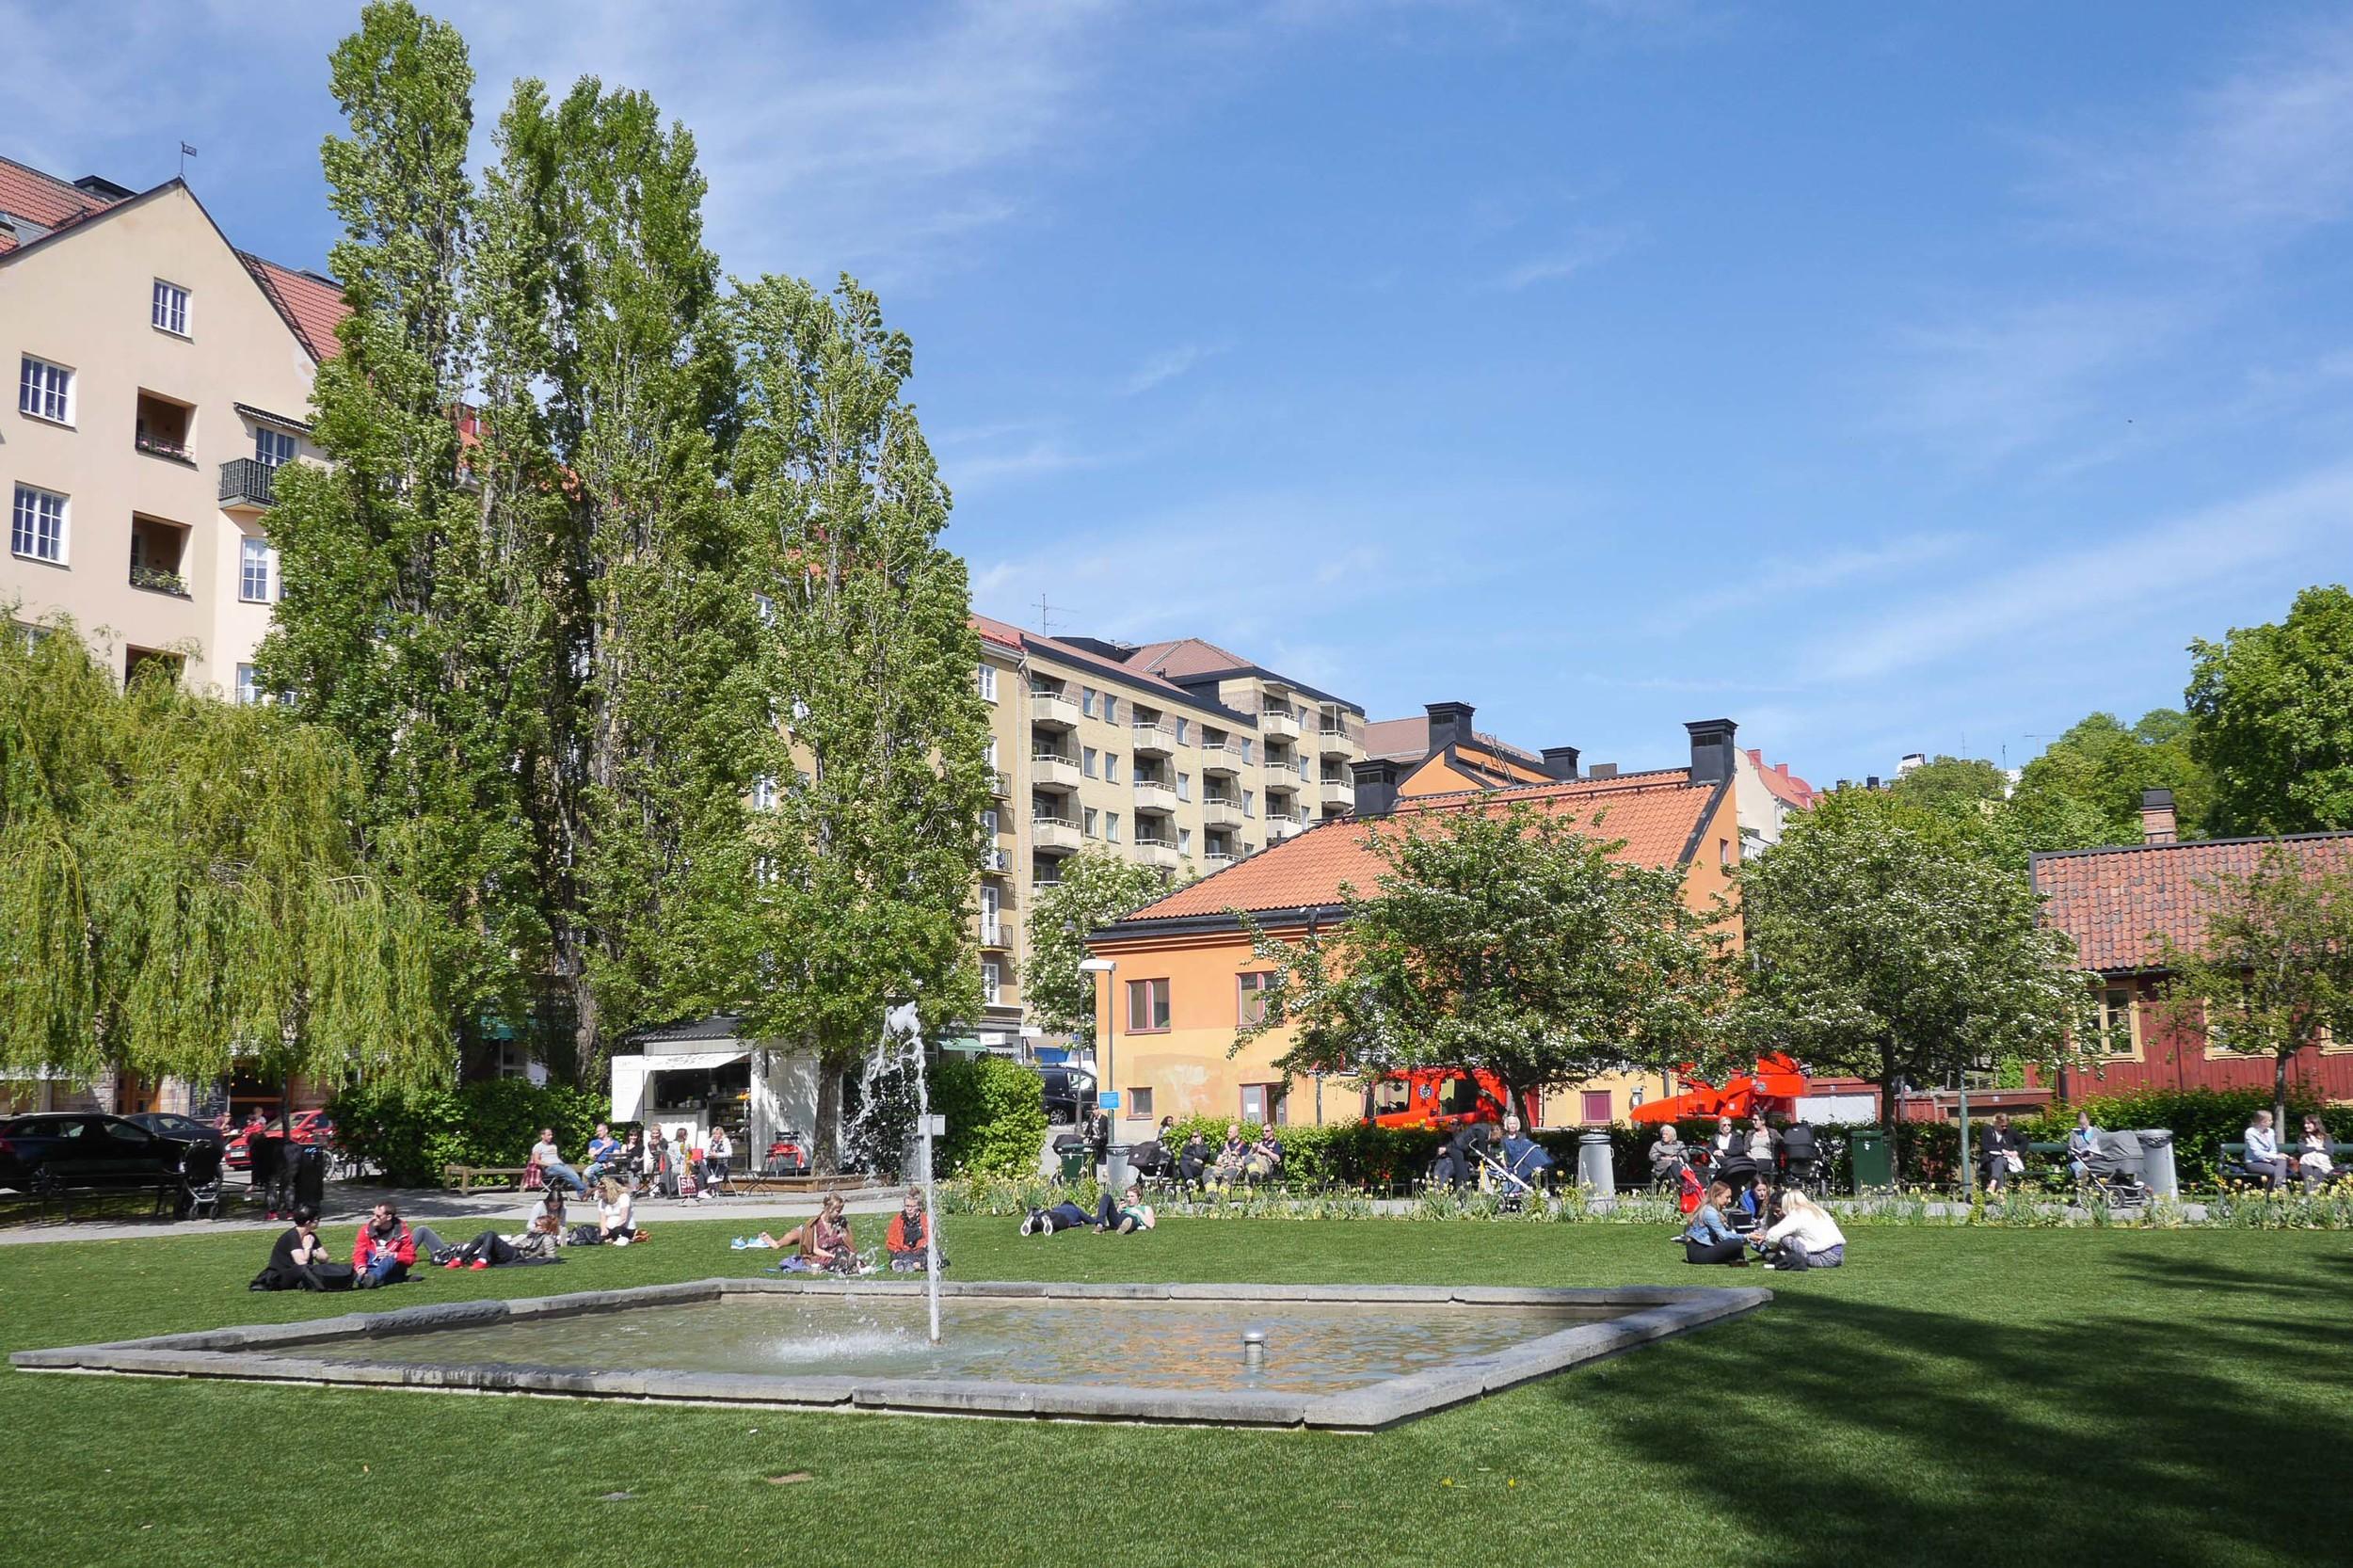 nytorget fika stockholm sweden sverige weekend guide hello getaway travel tips